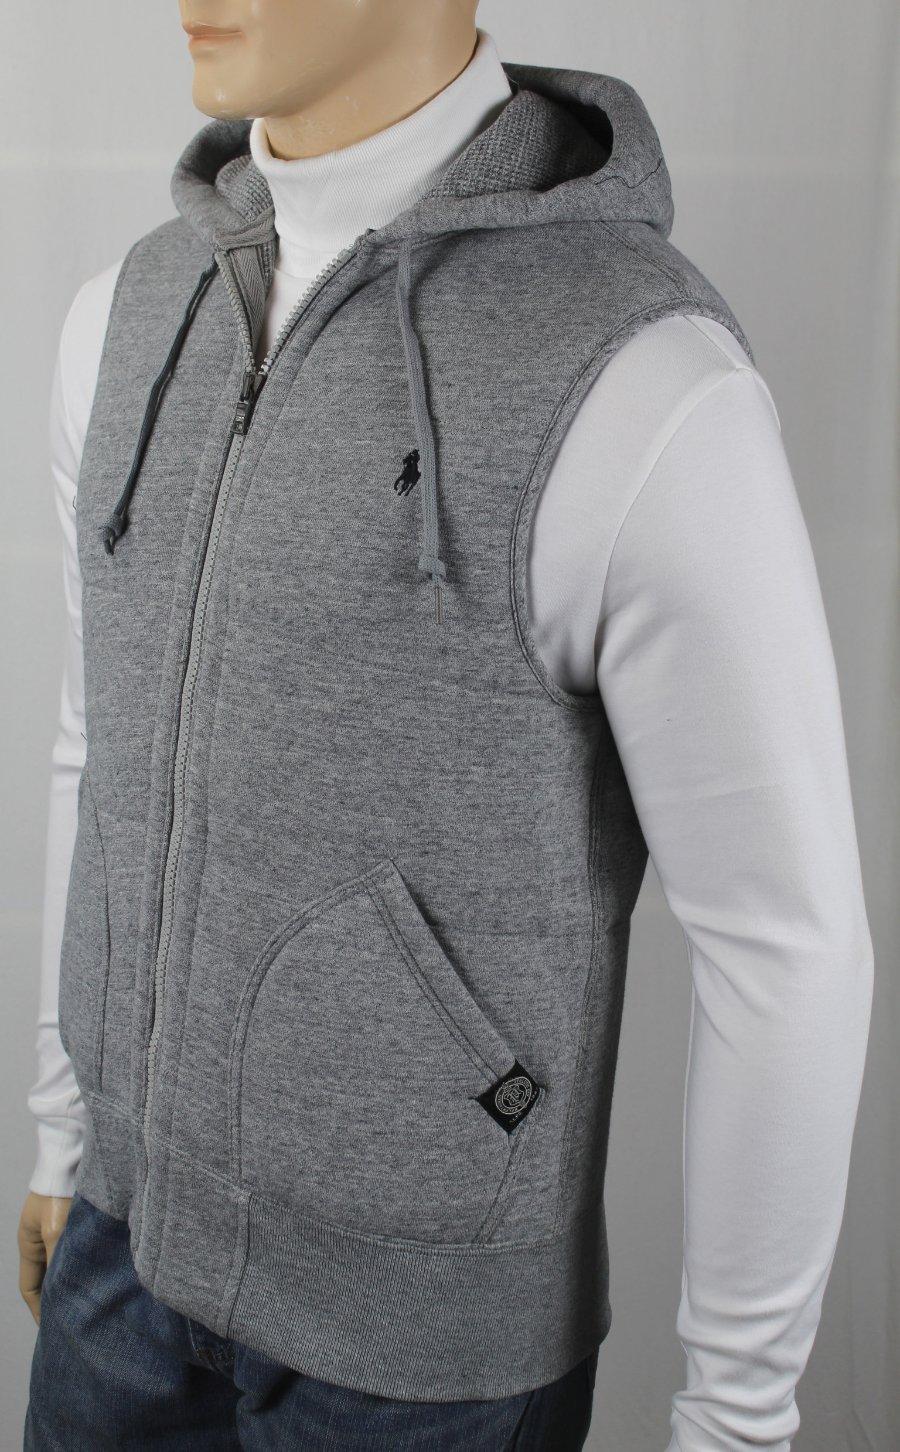 043649fe744 Polo Ralph Lauren Grey Quilted Hoodie Vest Zip Sweatshirt Black Pony ...